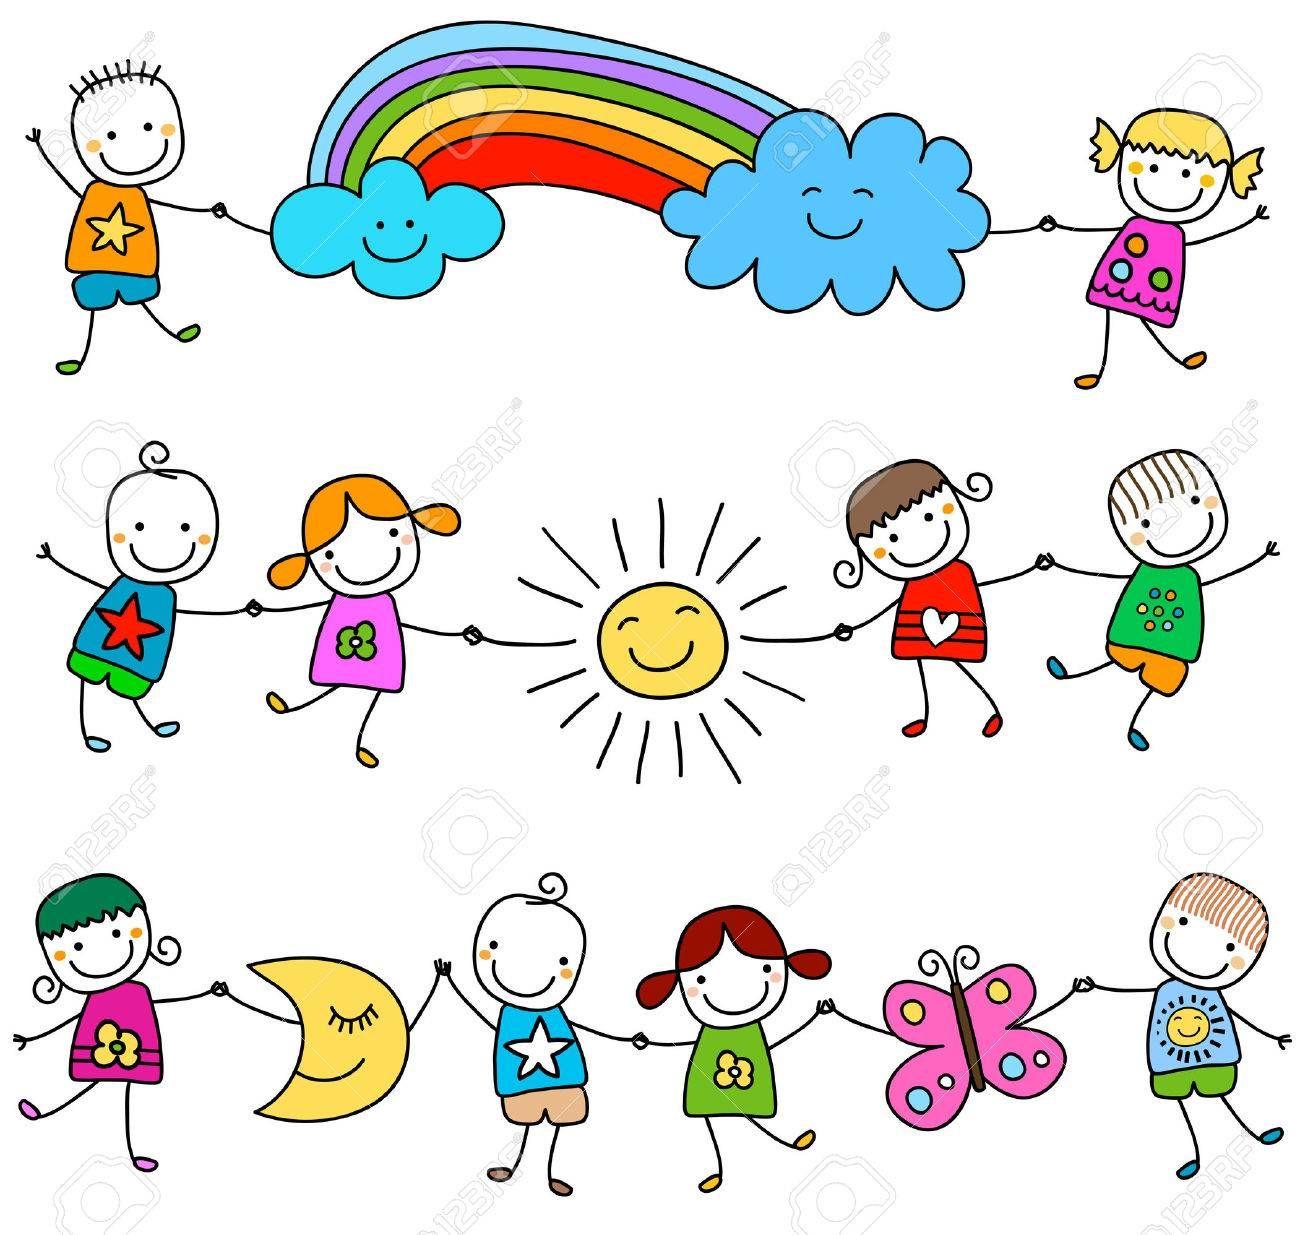 Enfants Heureux Jouant Clip Art Libres De Droits Vecteurs Et Illustration Image 39018691 En 2020 Facile A Dessiner Enfant Heureux Dessin Enfant